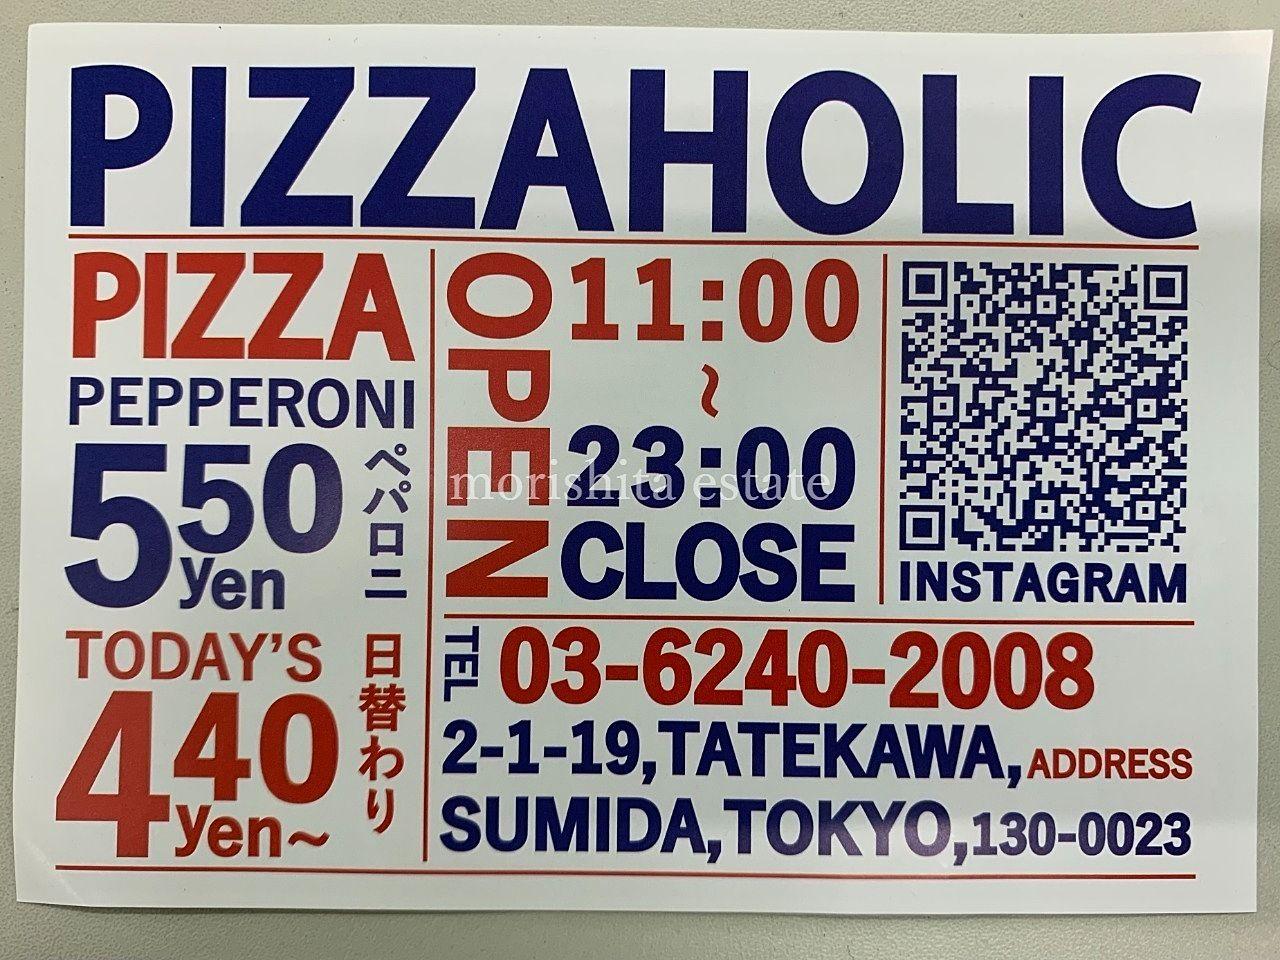 菊川 立川 PIZZAHORIC ピザホリック テイクアウト 写真